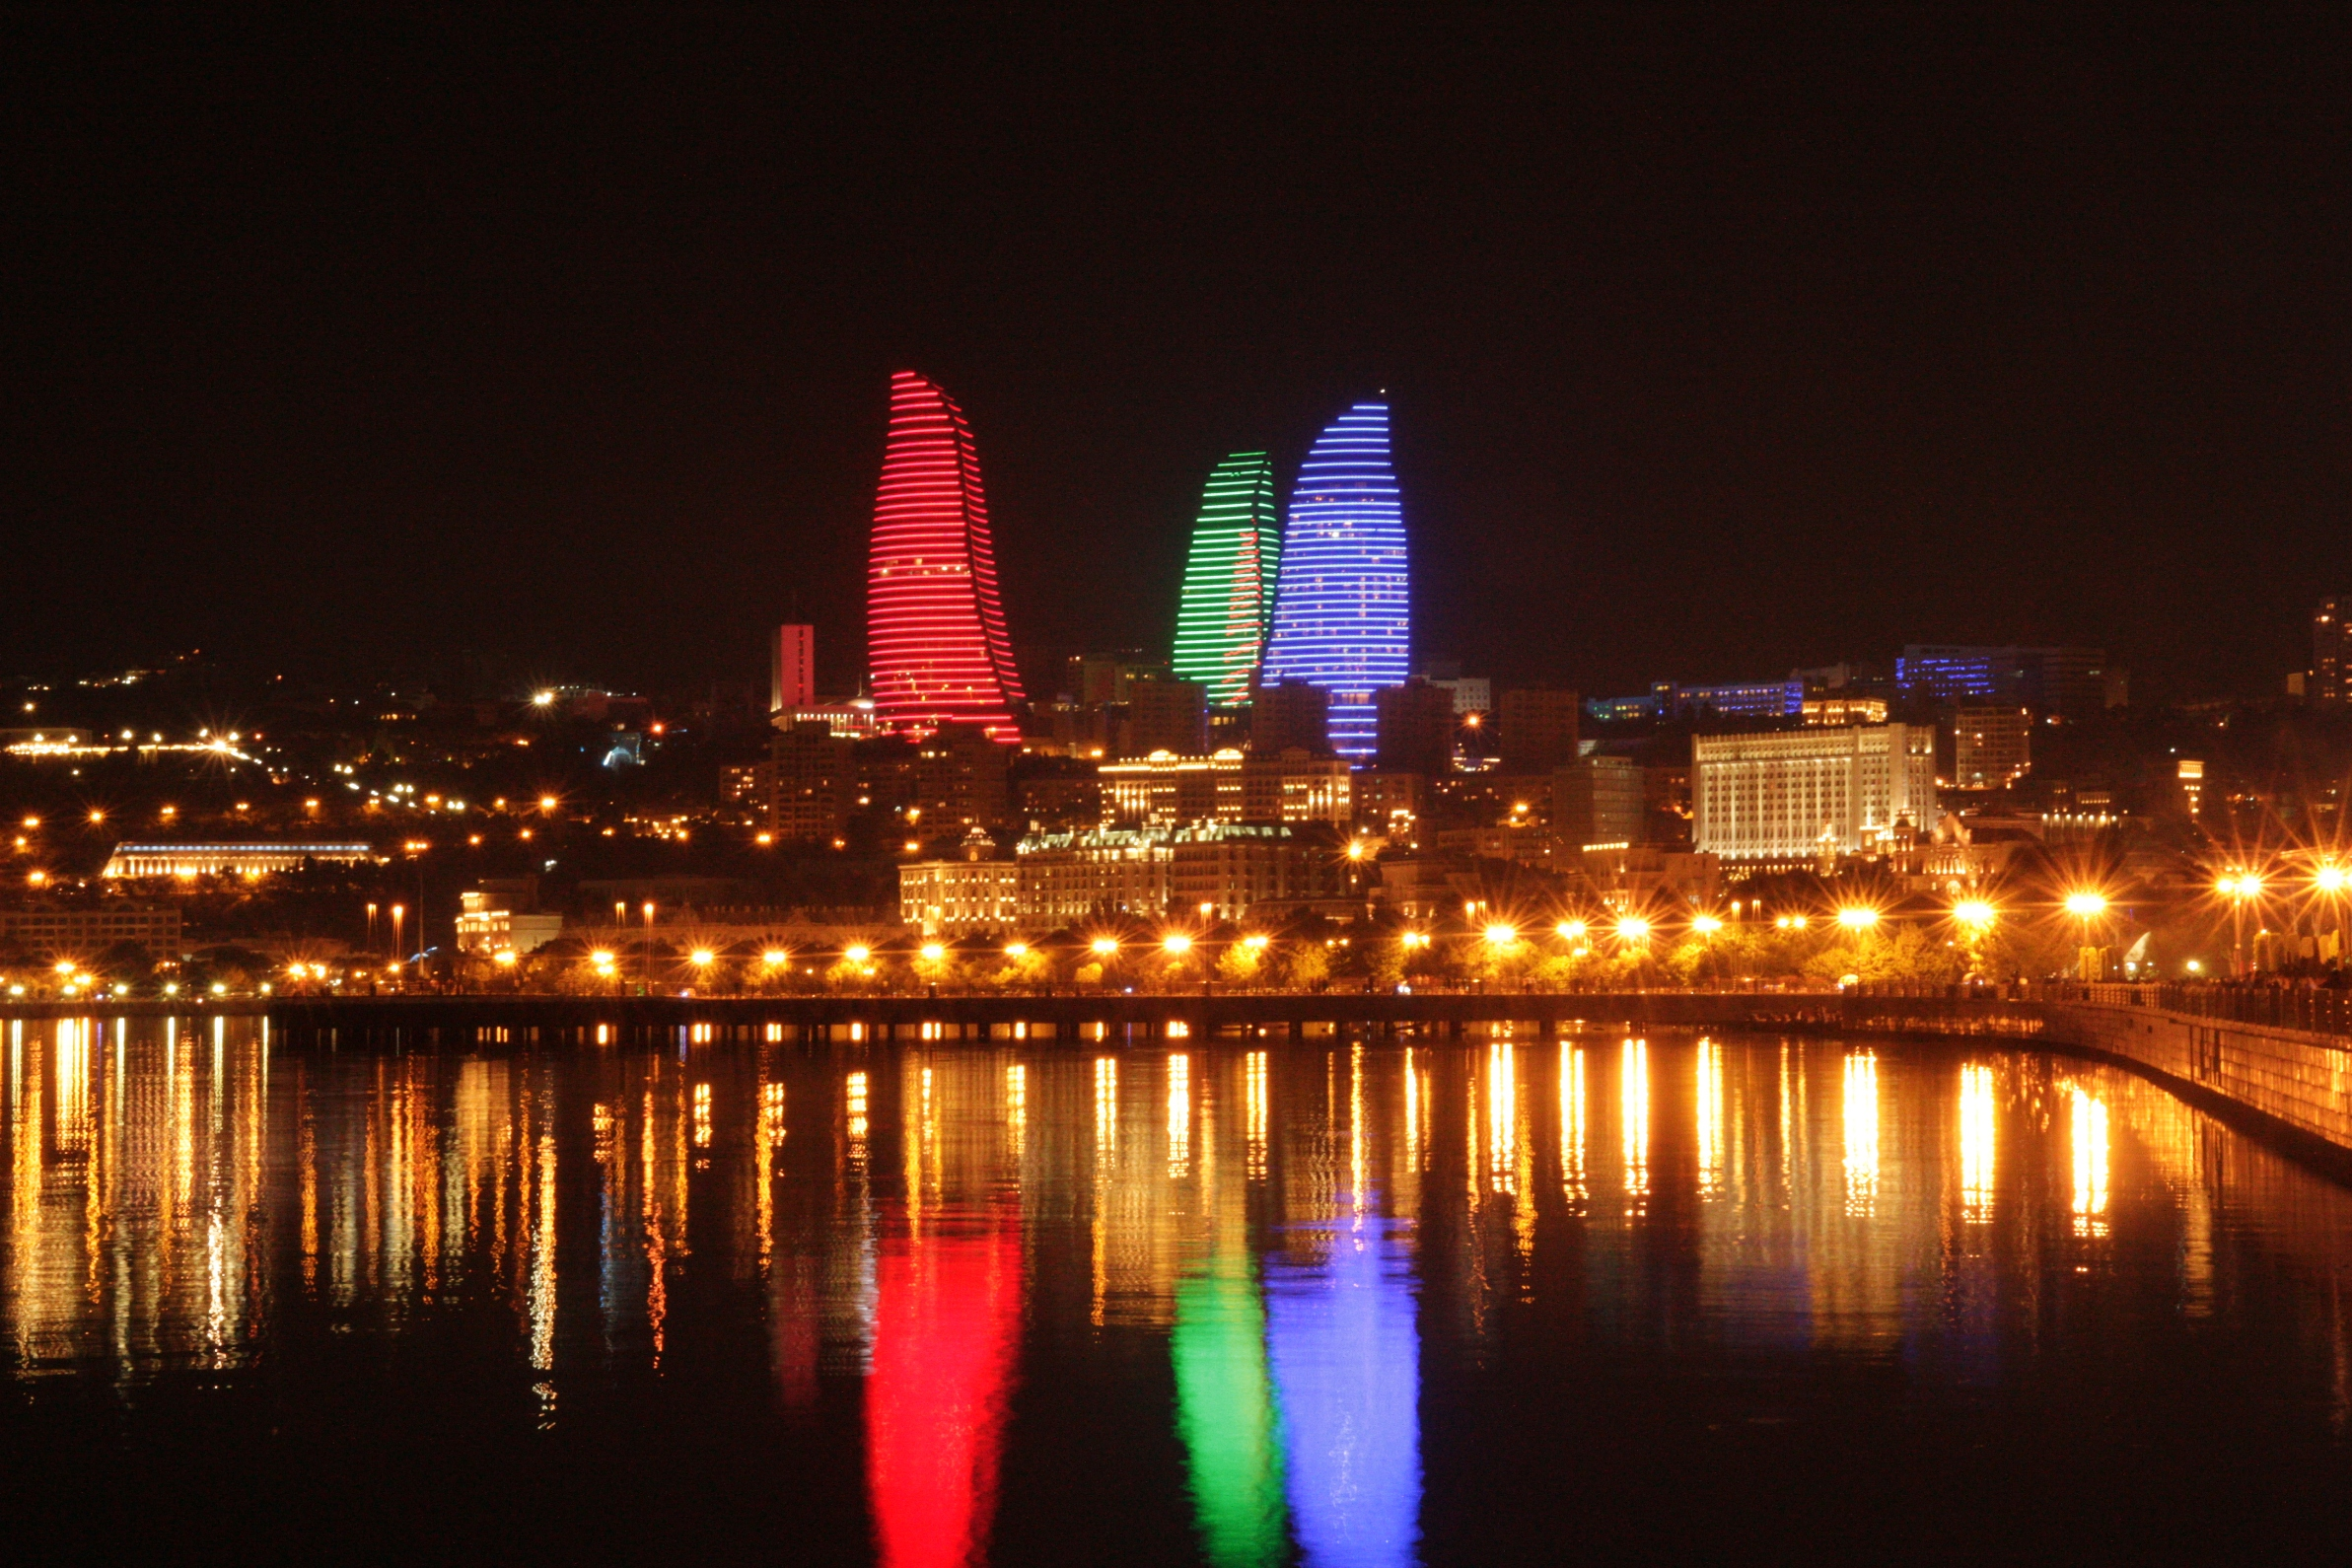 Ezek éjszaka különböző színekben világítanak, vagy épp valamilyen animációt jelenítenek meg, mint pl. lángok, azeri zászlót lengető alakok